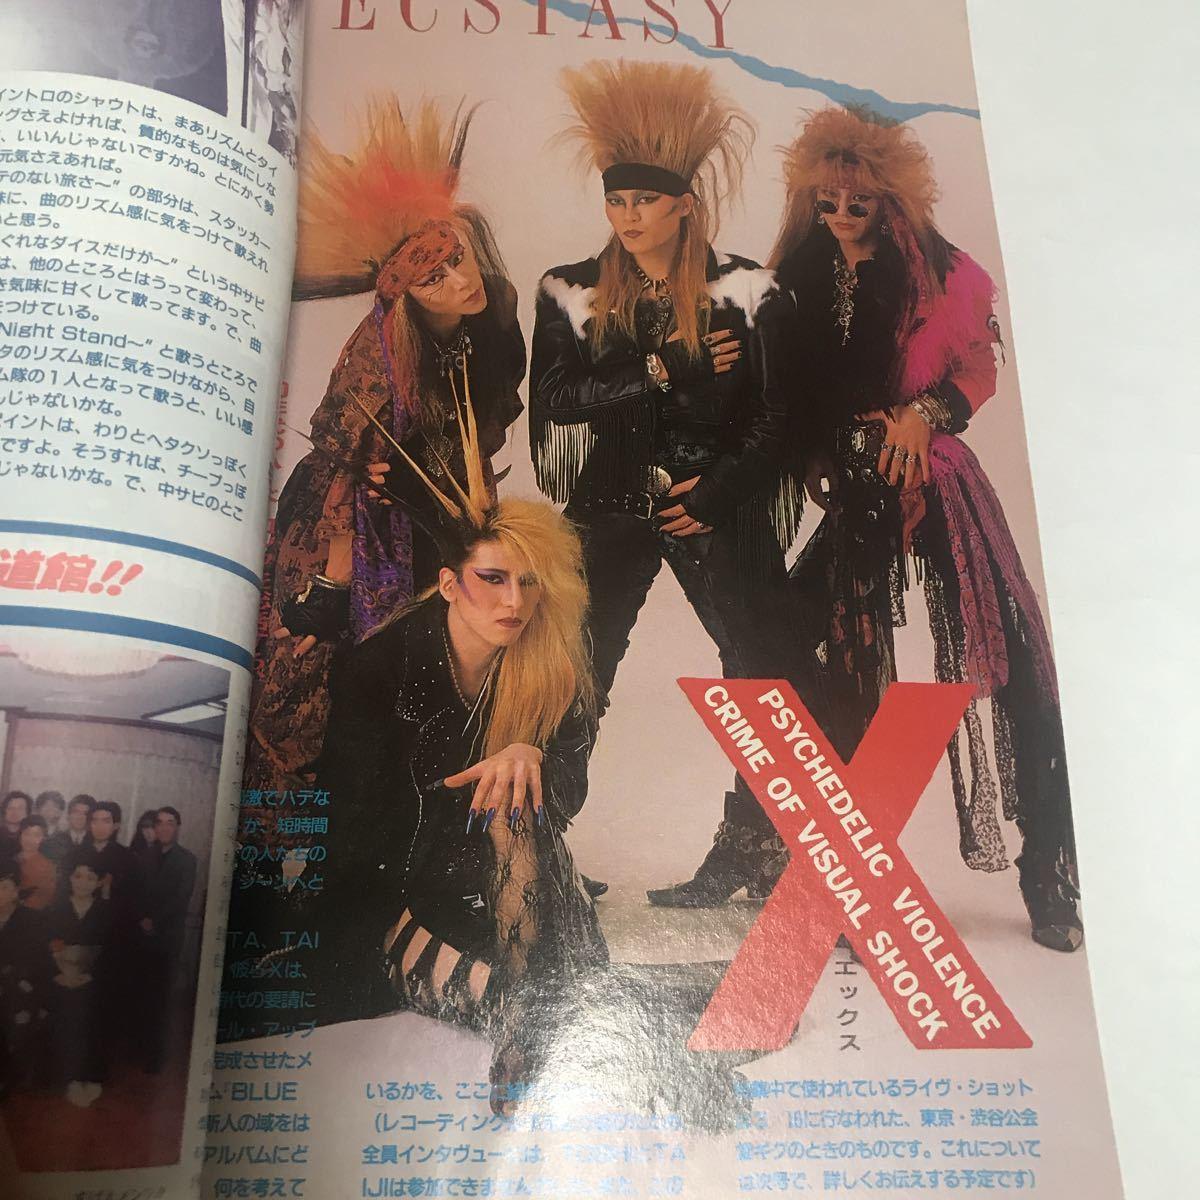 【貴重】 X JAPAN 表紙 ロッキンf 89年5月号 YOSHIKI TAIJI hide xjapan エックス ジャパメタ デランジェ 音楽雑誌 本 ZIGGY 44マグナム_画像8